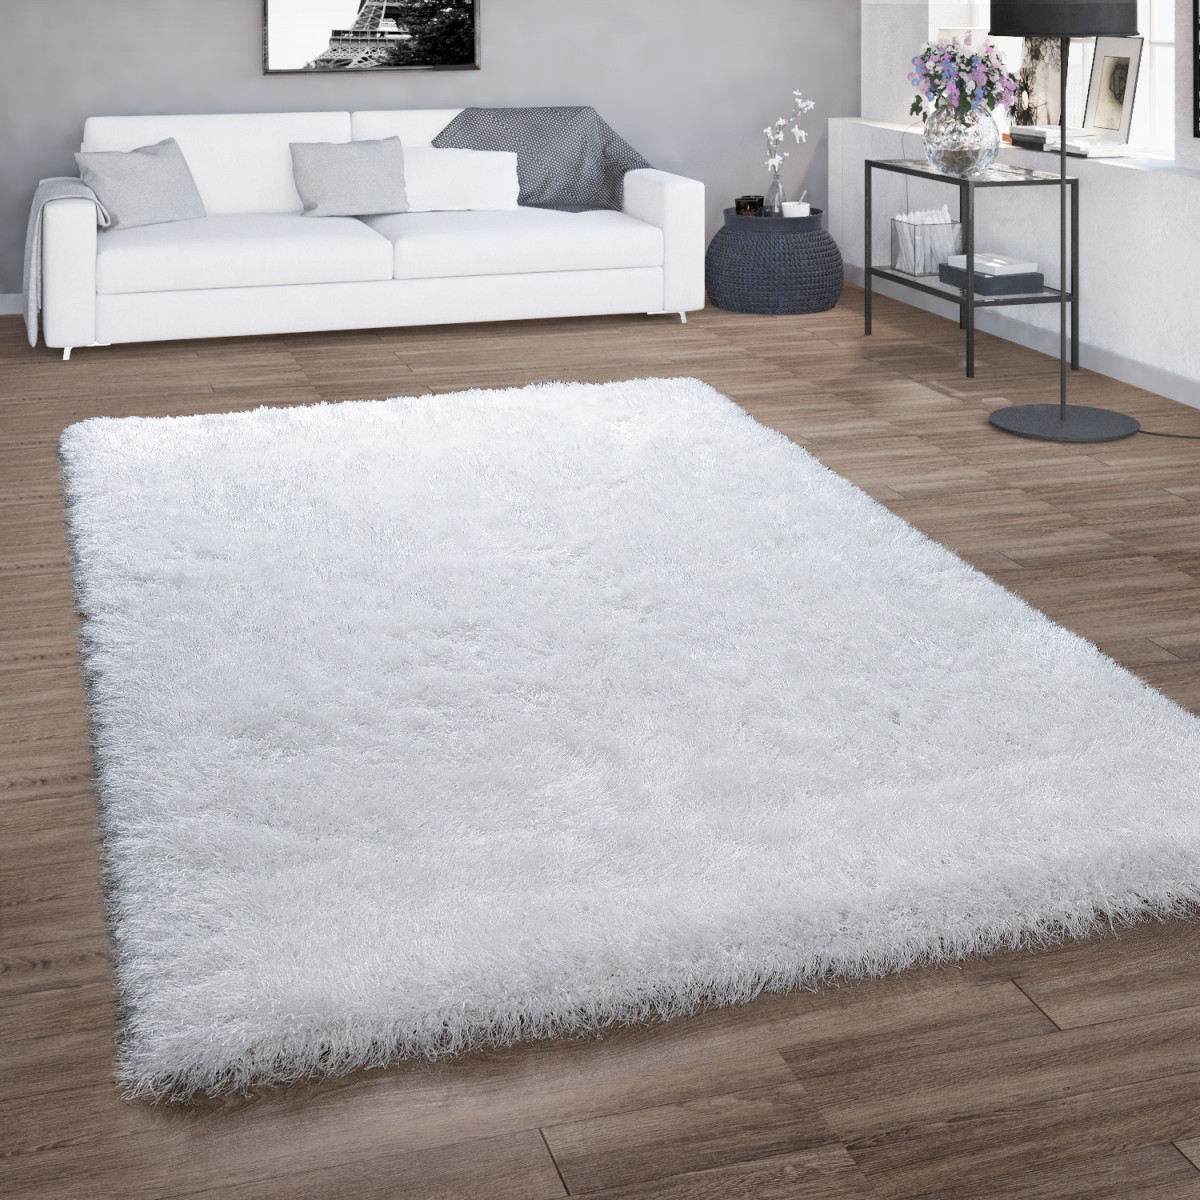 Hochflorteppich Shaggy Für Wohnzimmer Mit Glitzergarn Einfarbig In Weiß von Teppich Groß Wohnzimmer Photo